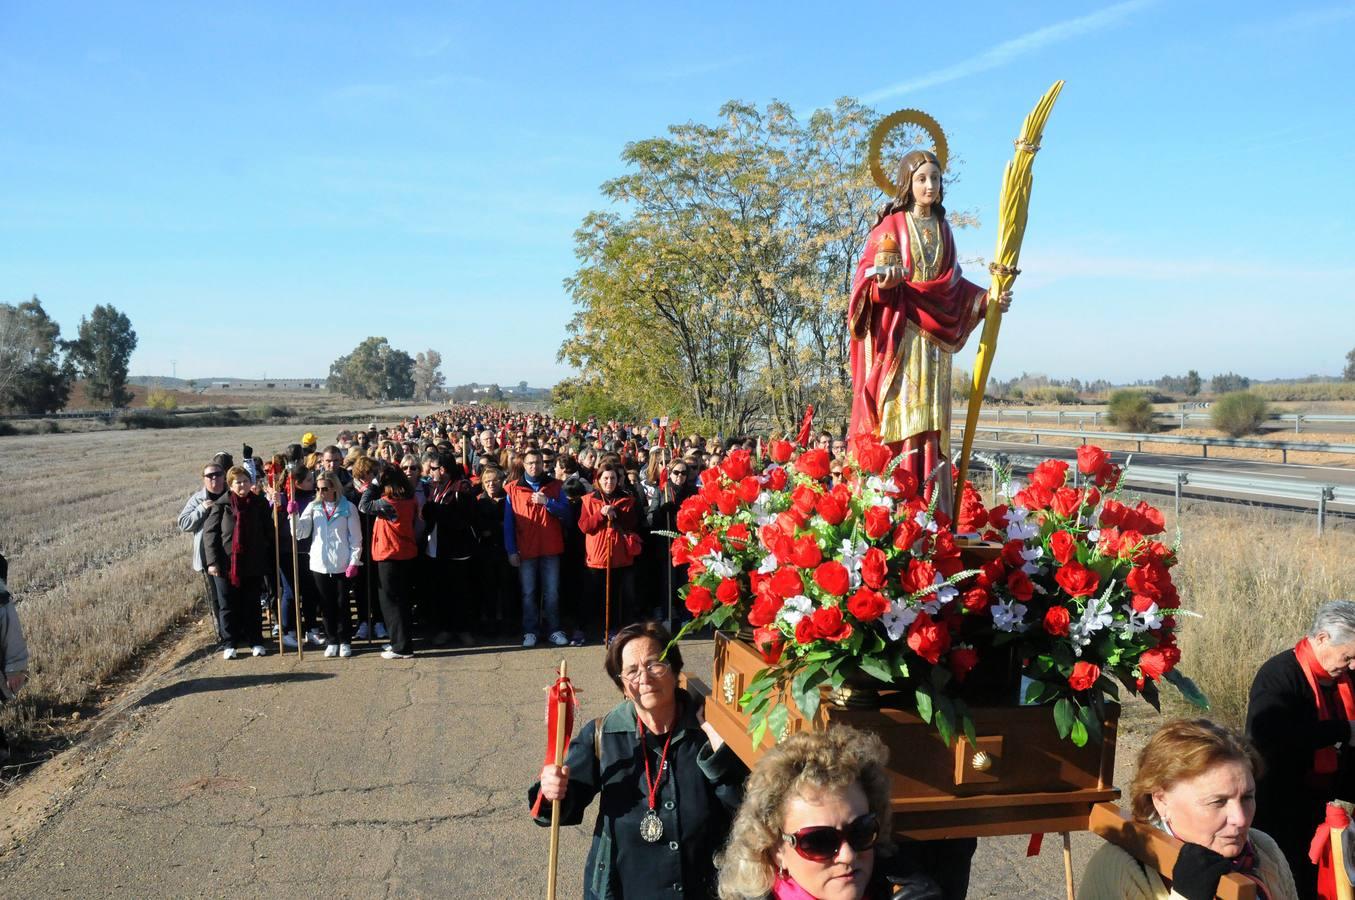 Más de 2.000 personas peregrinan hacia Mérida en honor a la Mártir